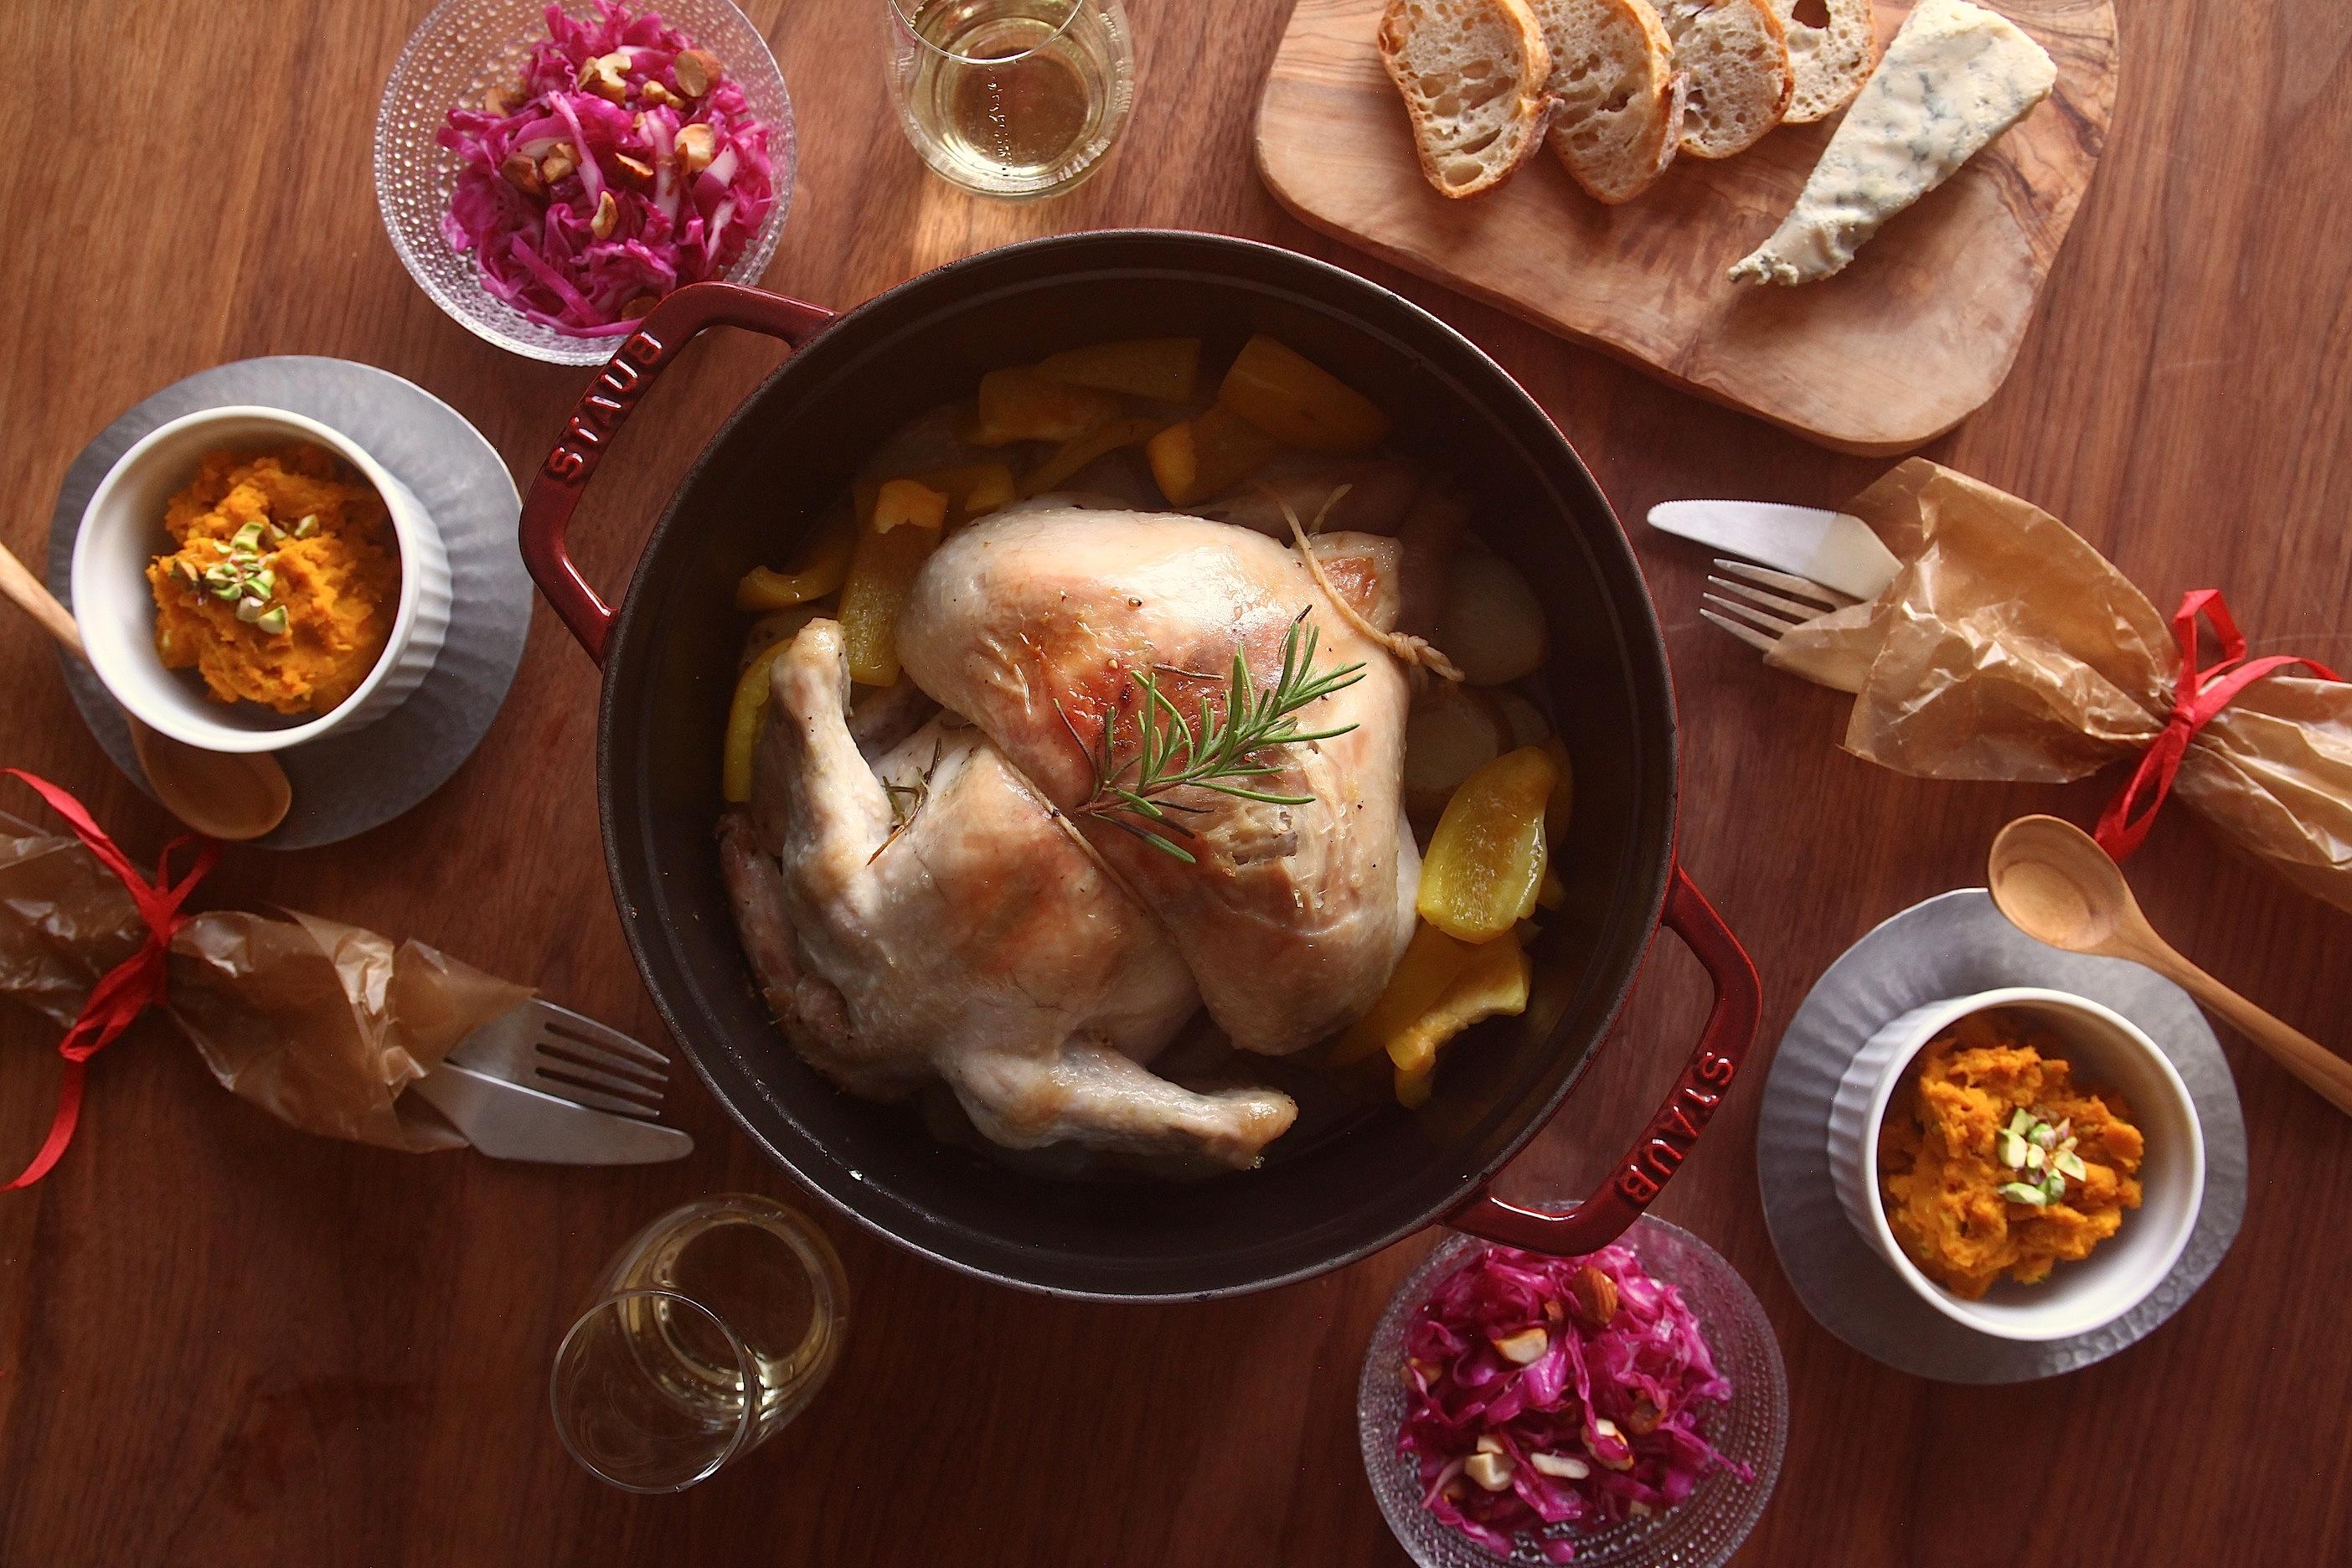 「オトコノキッチン」ワイン片手にクリスマス料理